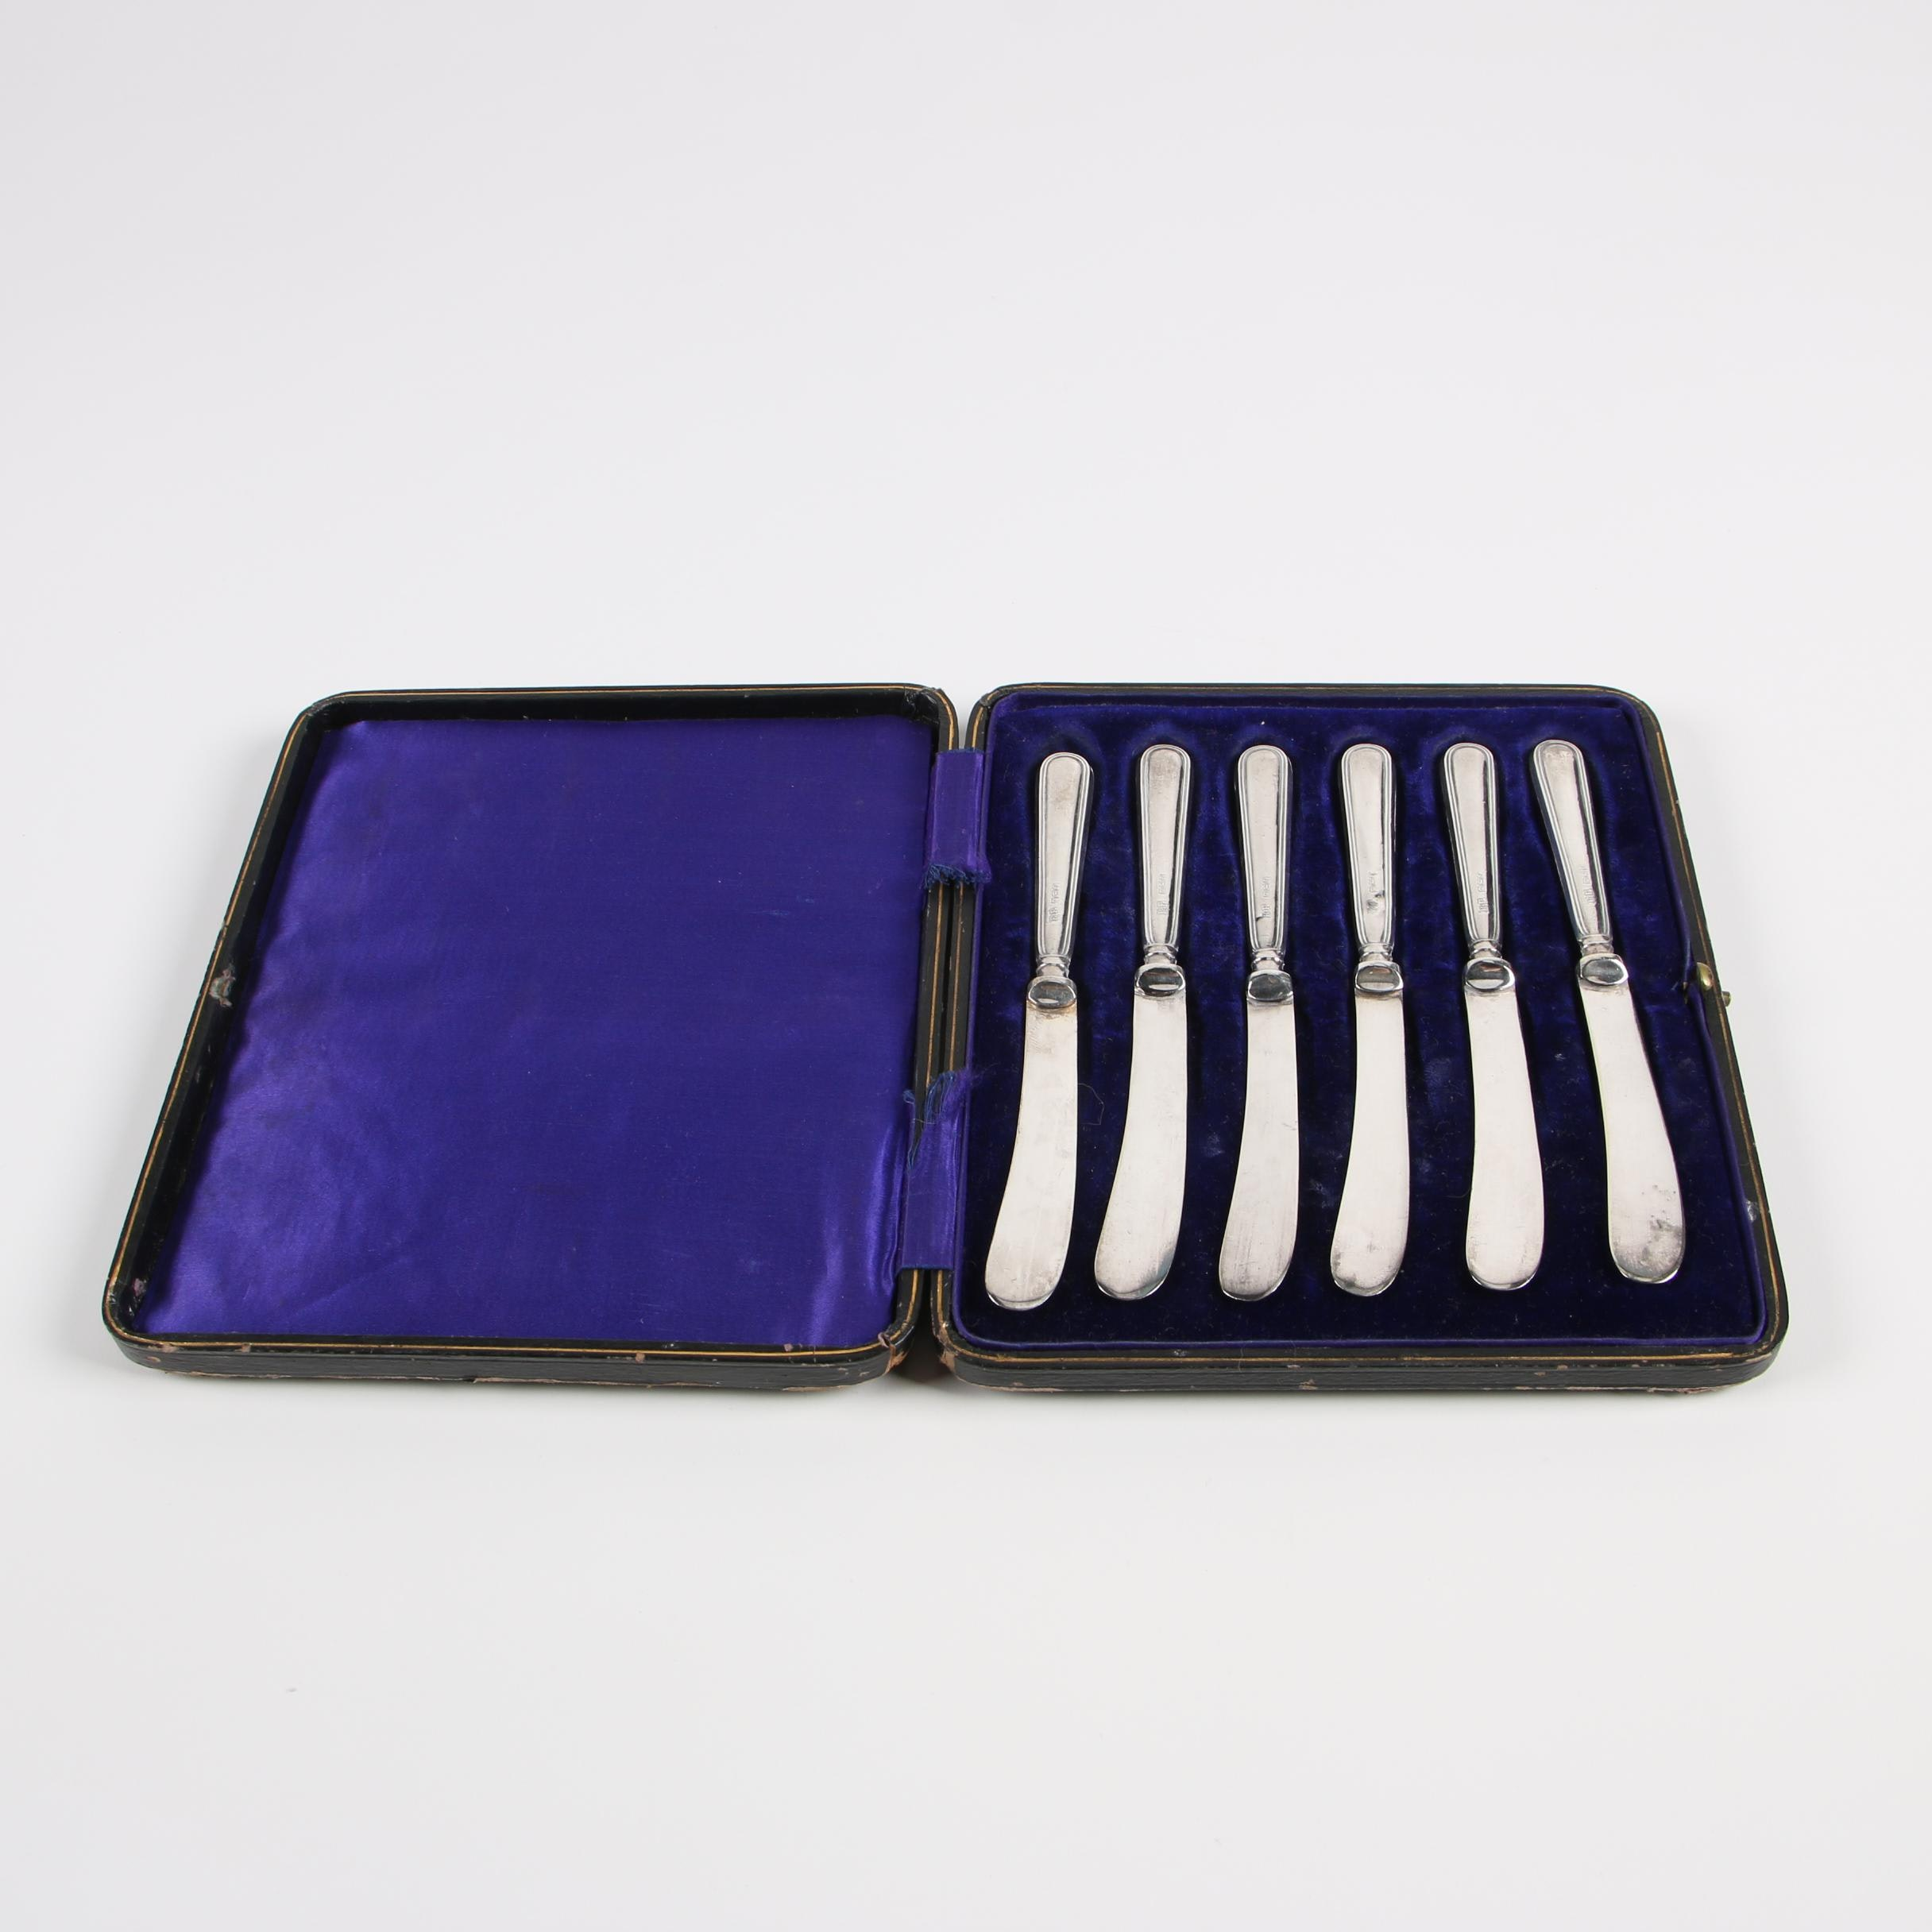 Robert Pringle & Sons Sterling Handle Butter Knife Set, 1923